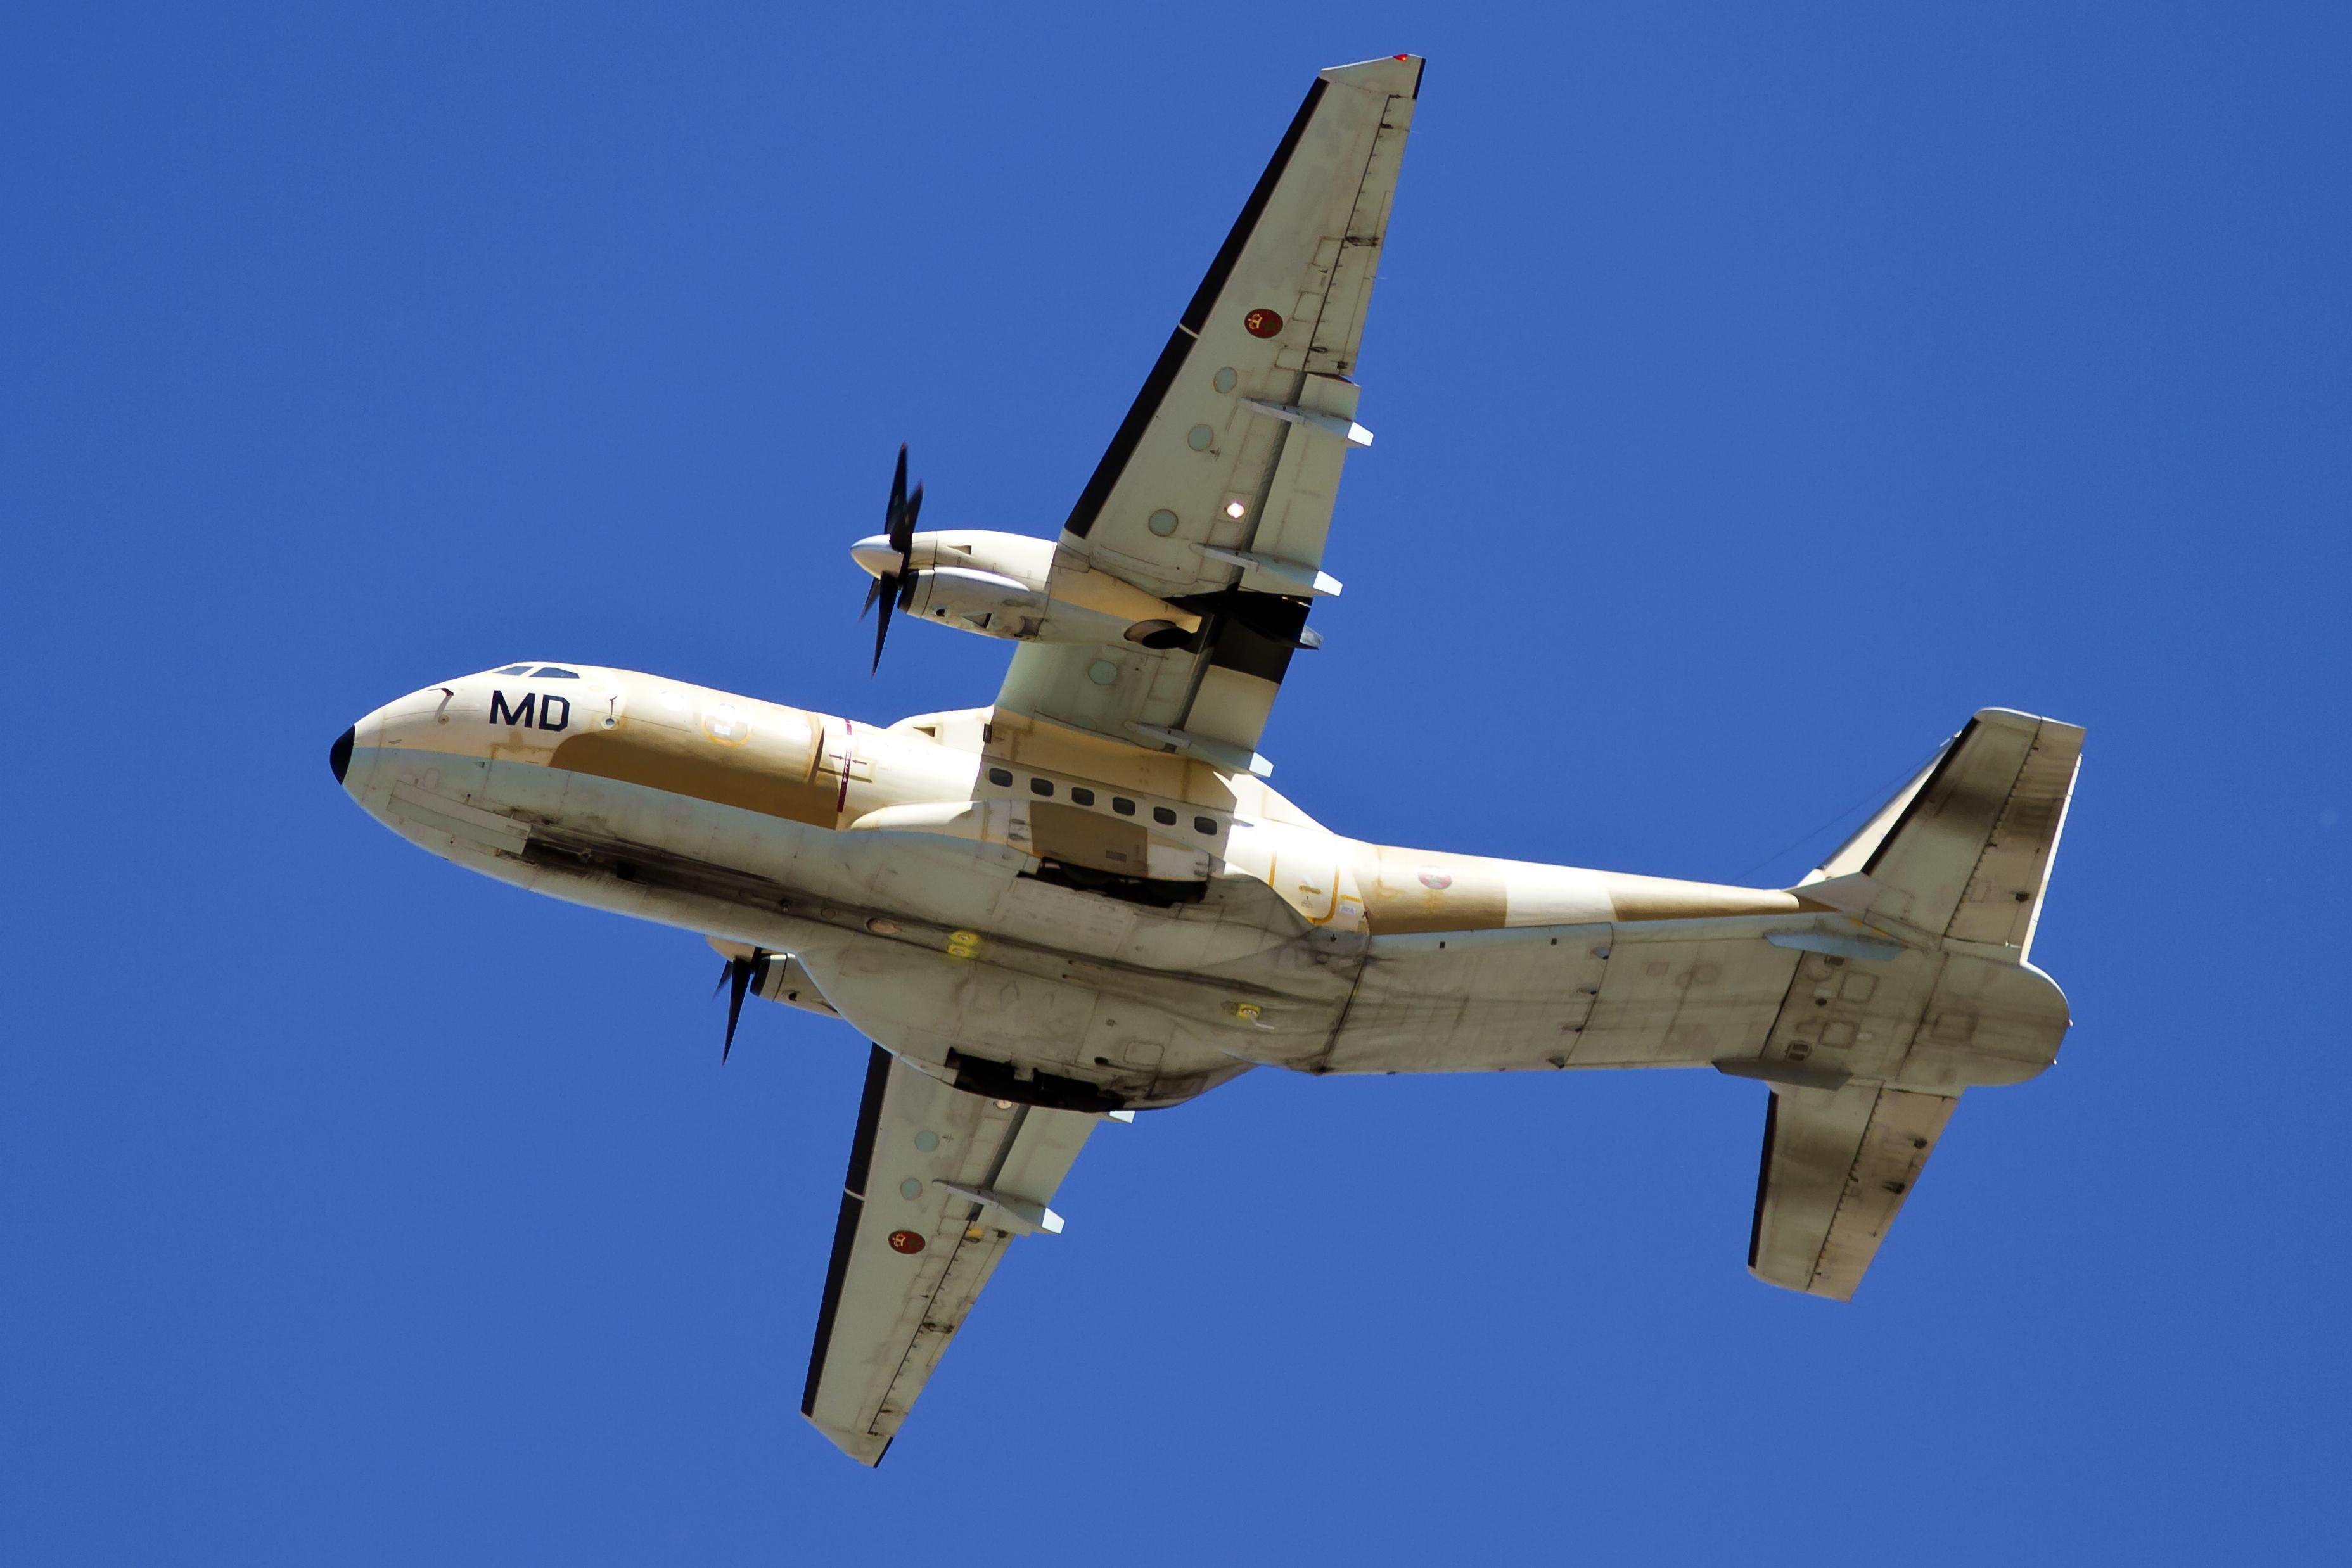 طائرات النقل العاملة بالقوات المسلحة المغربية 14152596123_f9d6b67952_o